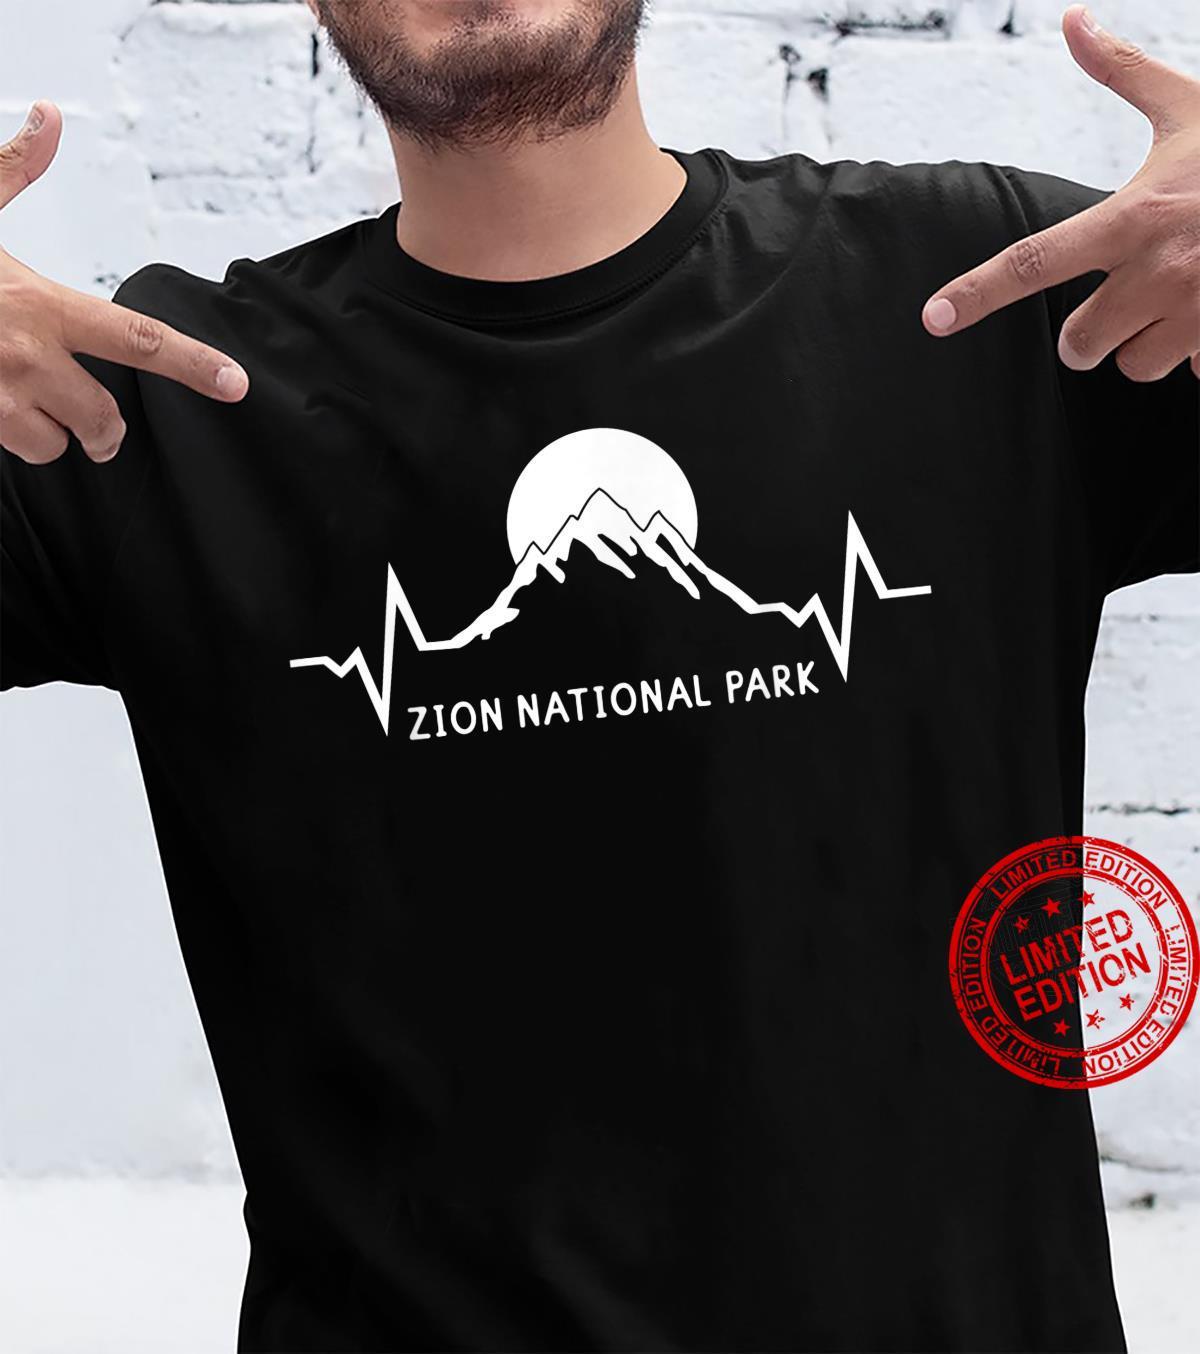 Zion National Park Shirt Vintage Zion National Park Shirt